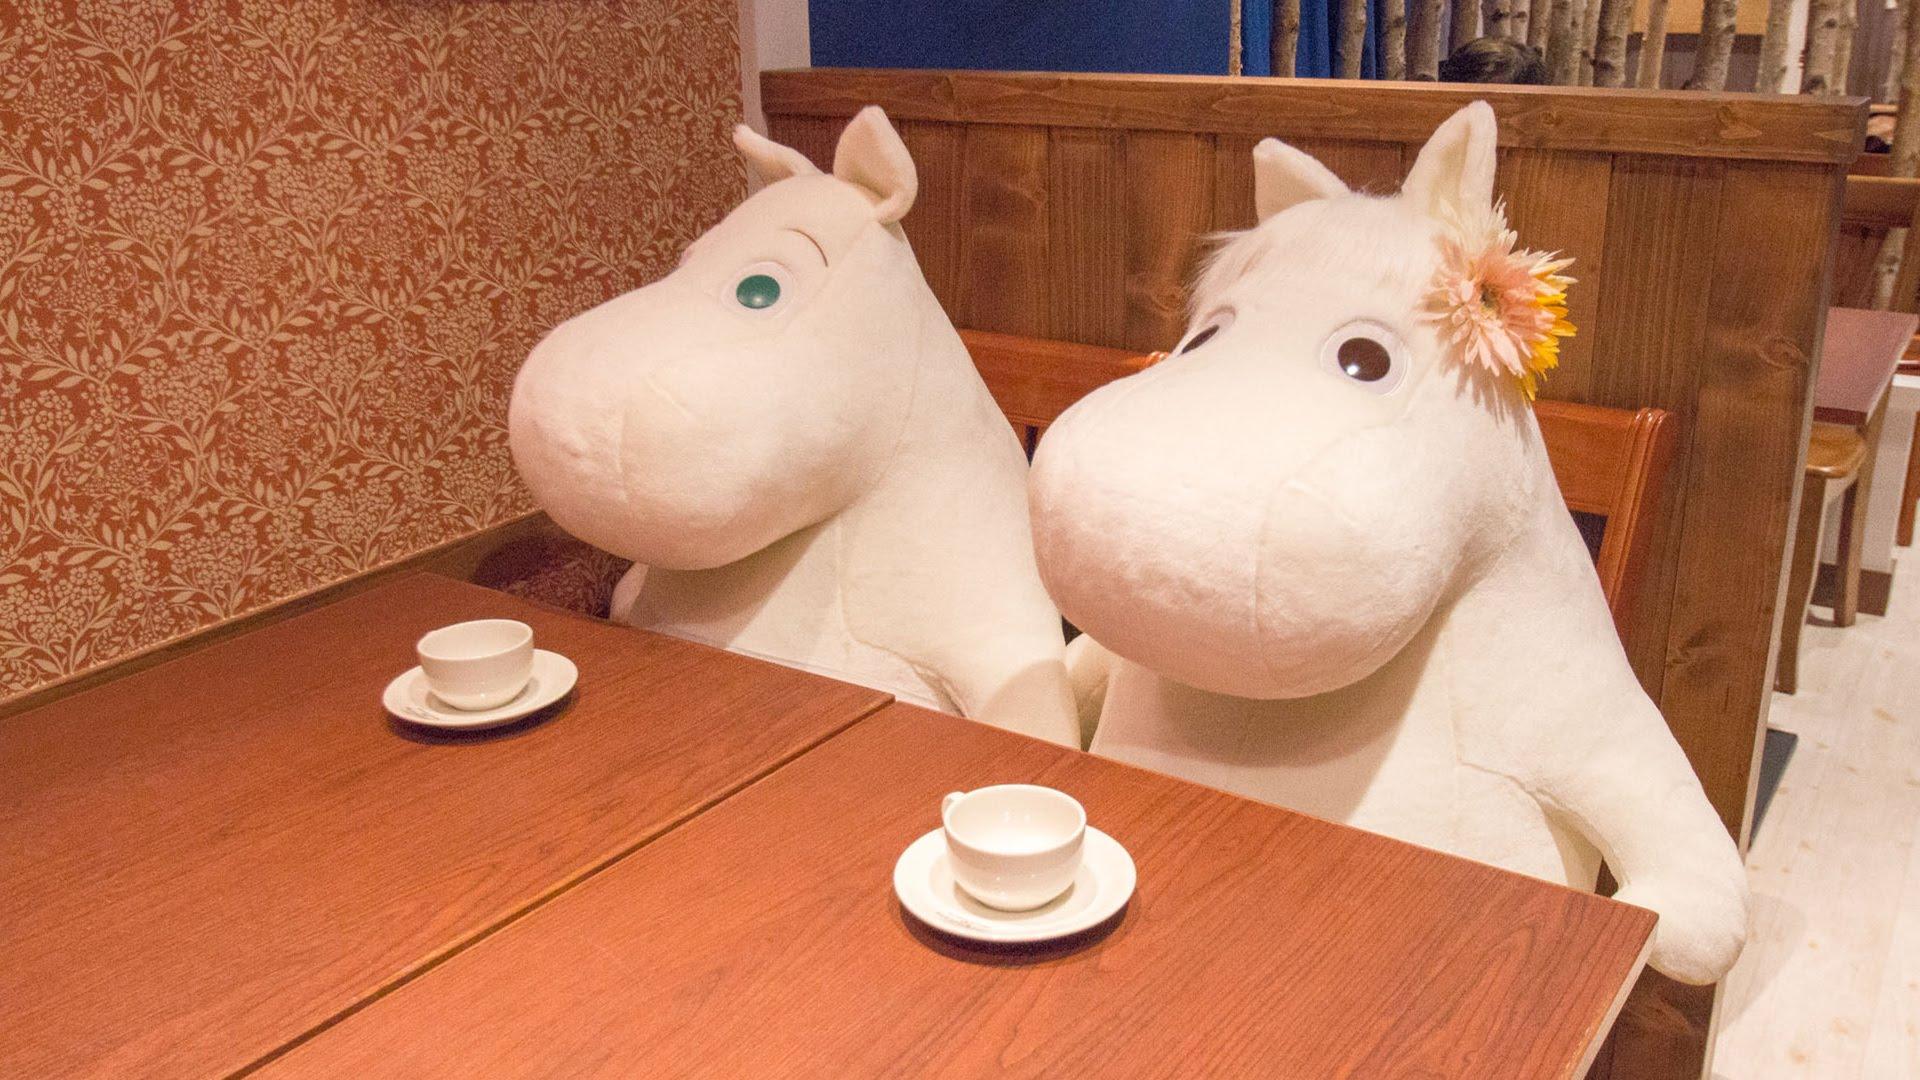 cafenea cele mai bizare localuri din lume Cele mai bizare localuri din lume cafenea 1